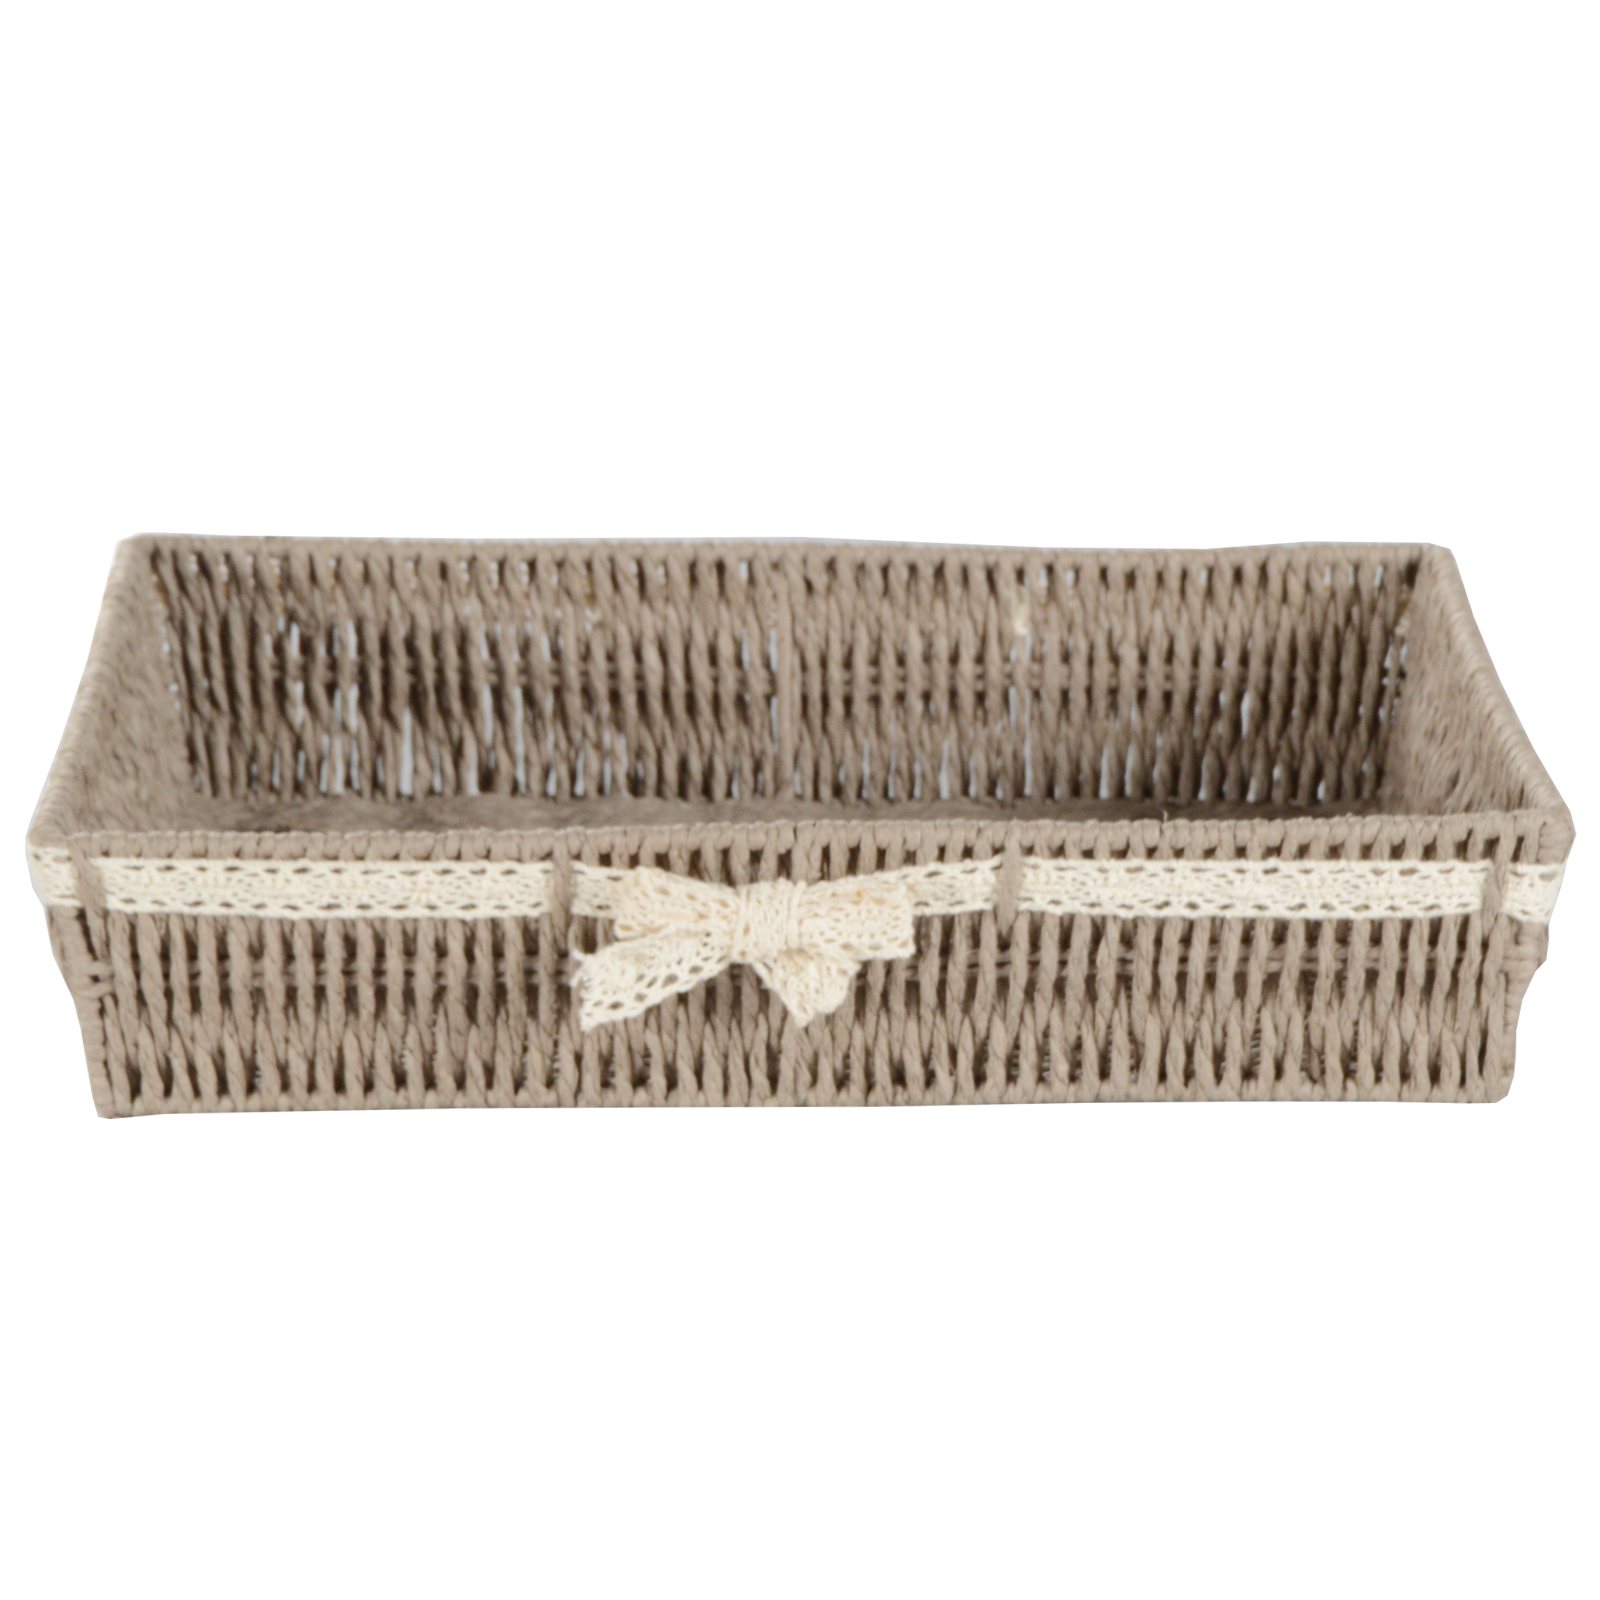 rattankorb badkorb dekokorb korb weidenkorb schrankkorb aufbewahrungskorb ebay. Black Bedroom Furniture Sets. Home Design Ideas